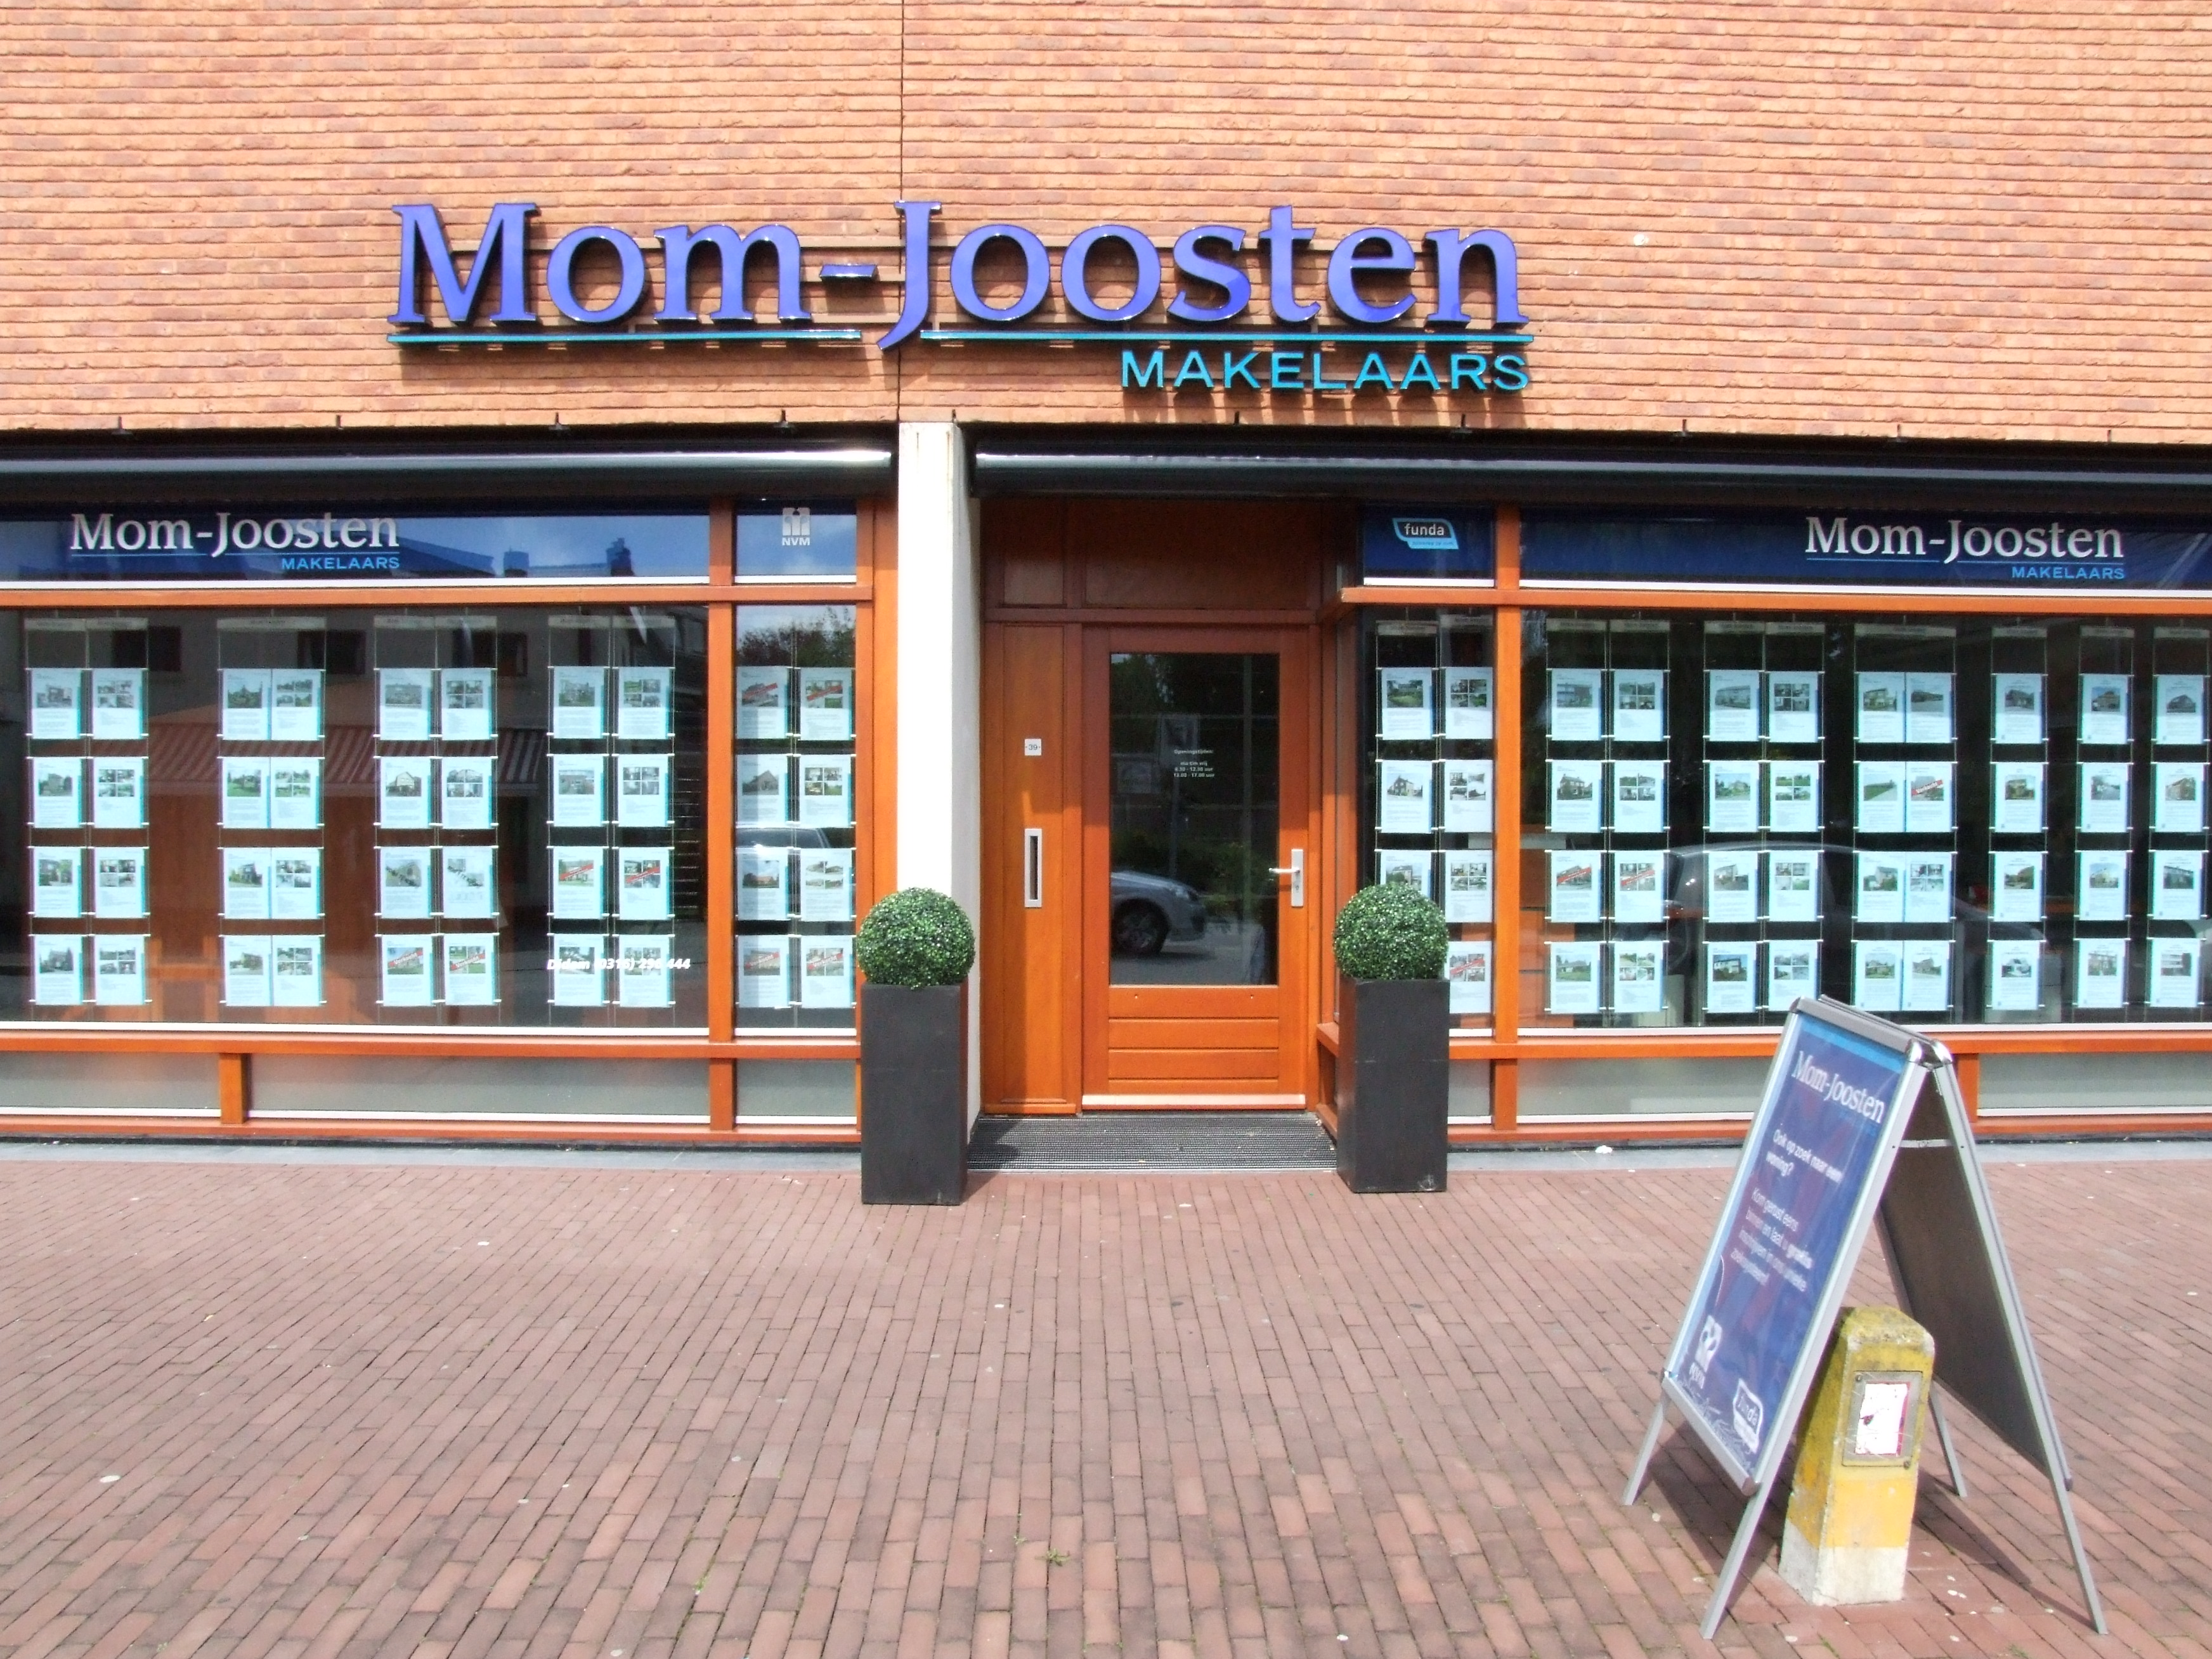 Kantoor Vestiging Mom-Joosten Makelaars